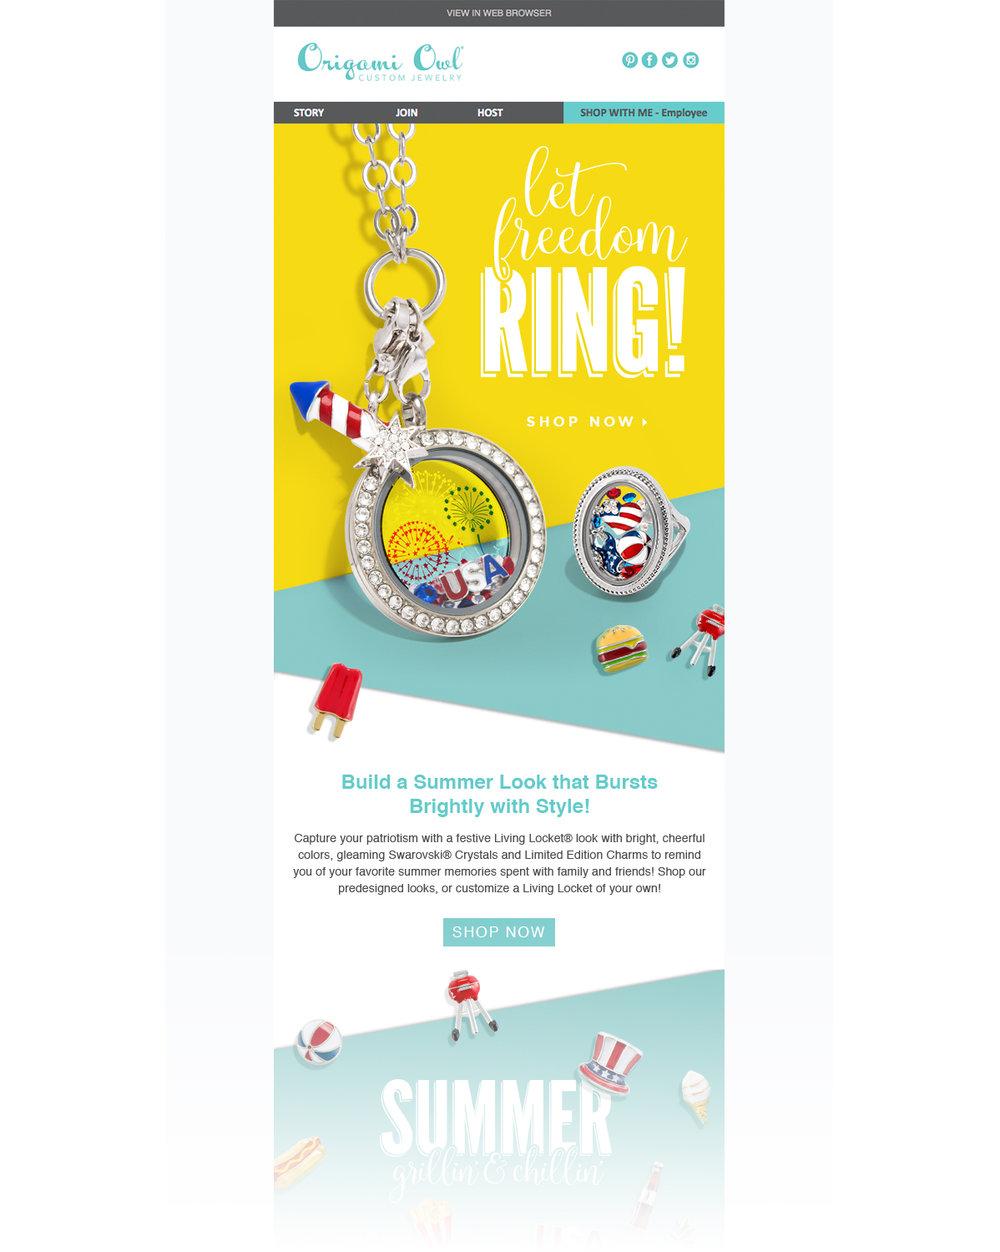 origami-owl-custom-jewelry-summer-email-robert-von-repta-caro-1.jpg